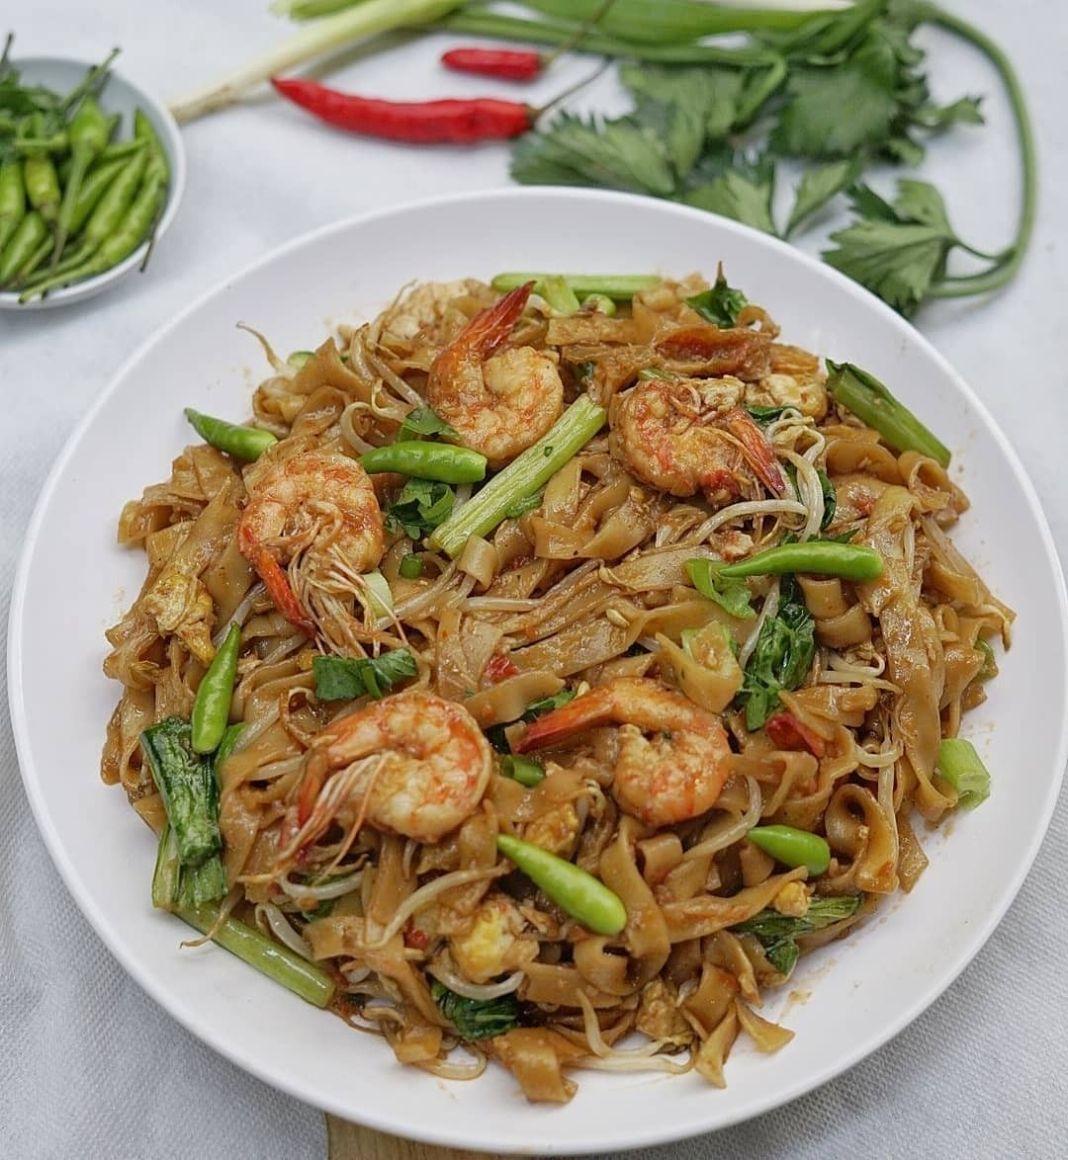 Info kuliner, Siapa disini yang suka banget makan kwetiau? Bikin sendiri yuk di rumah!  Bahan: 150 gr kwetiau…